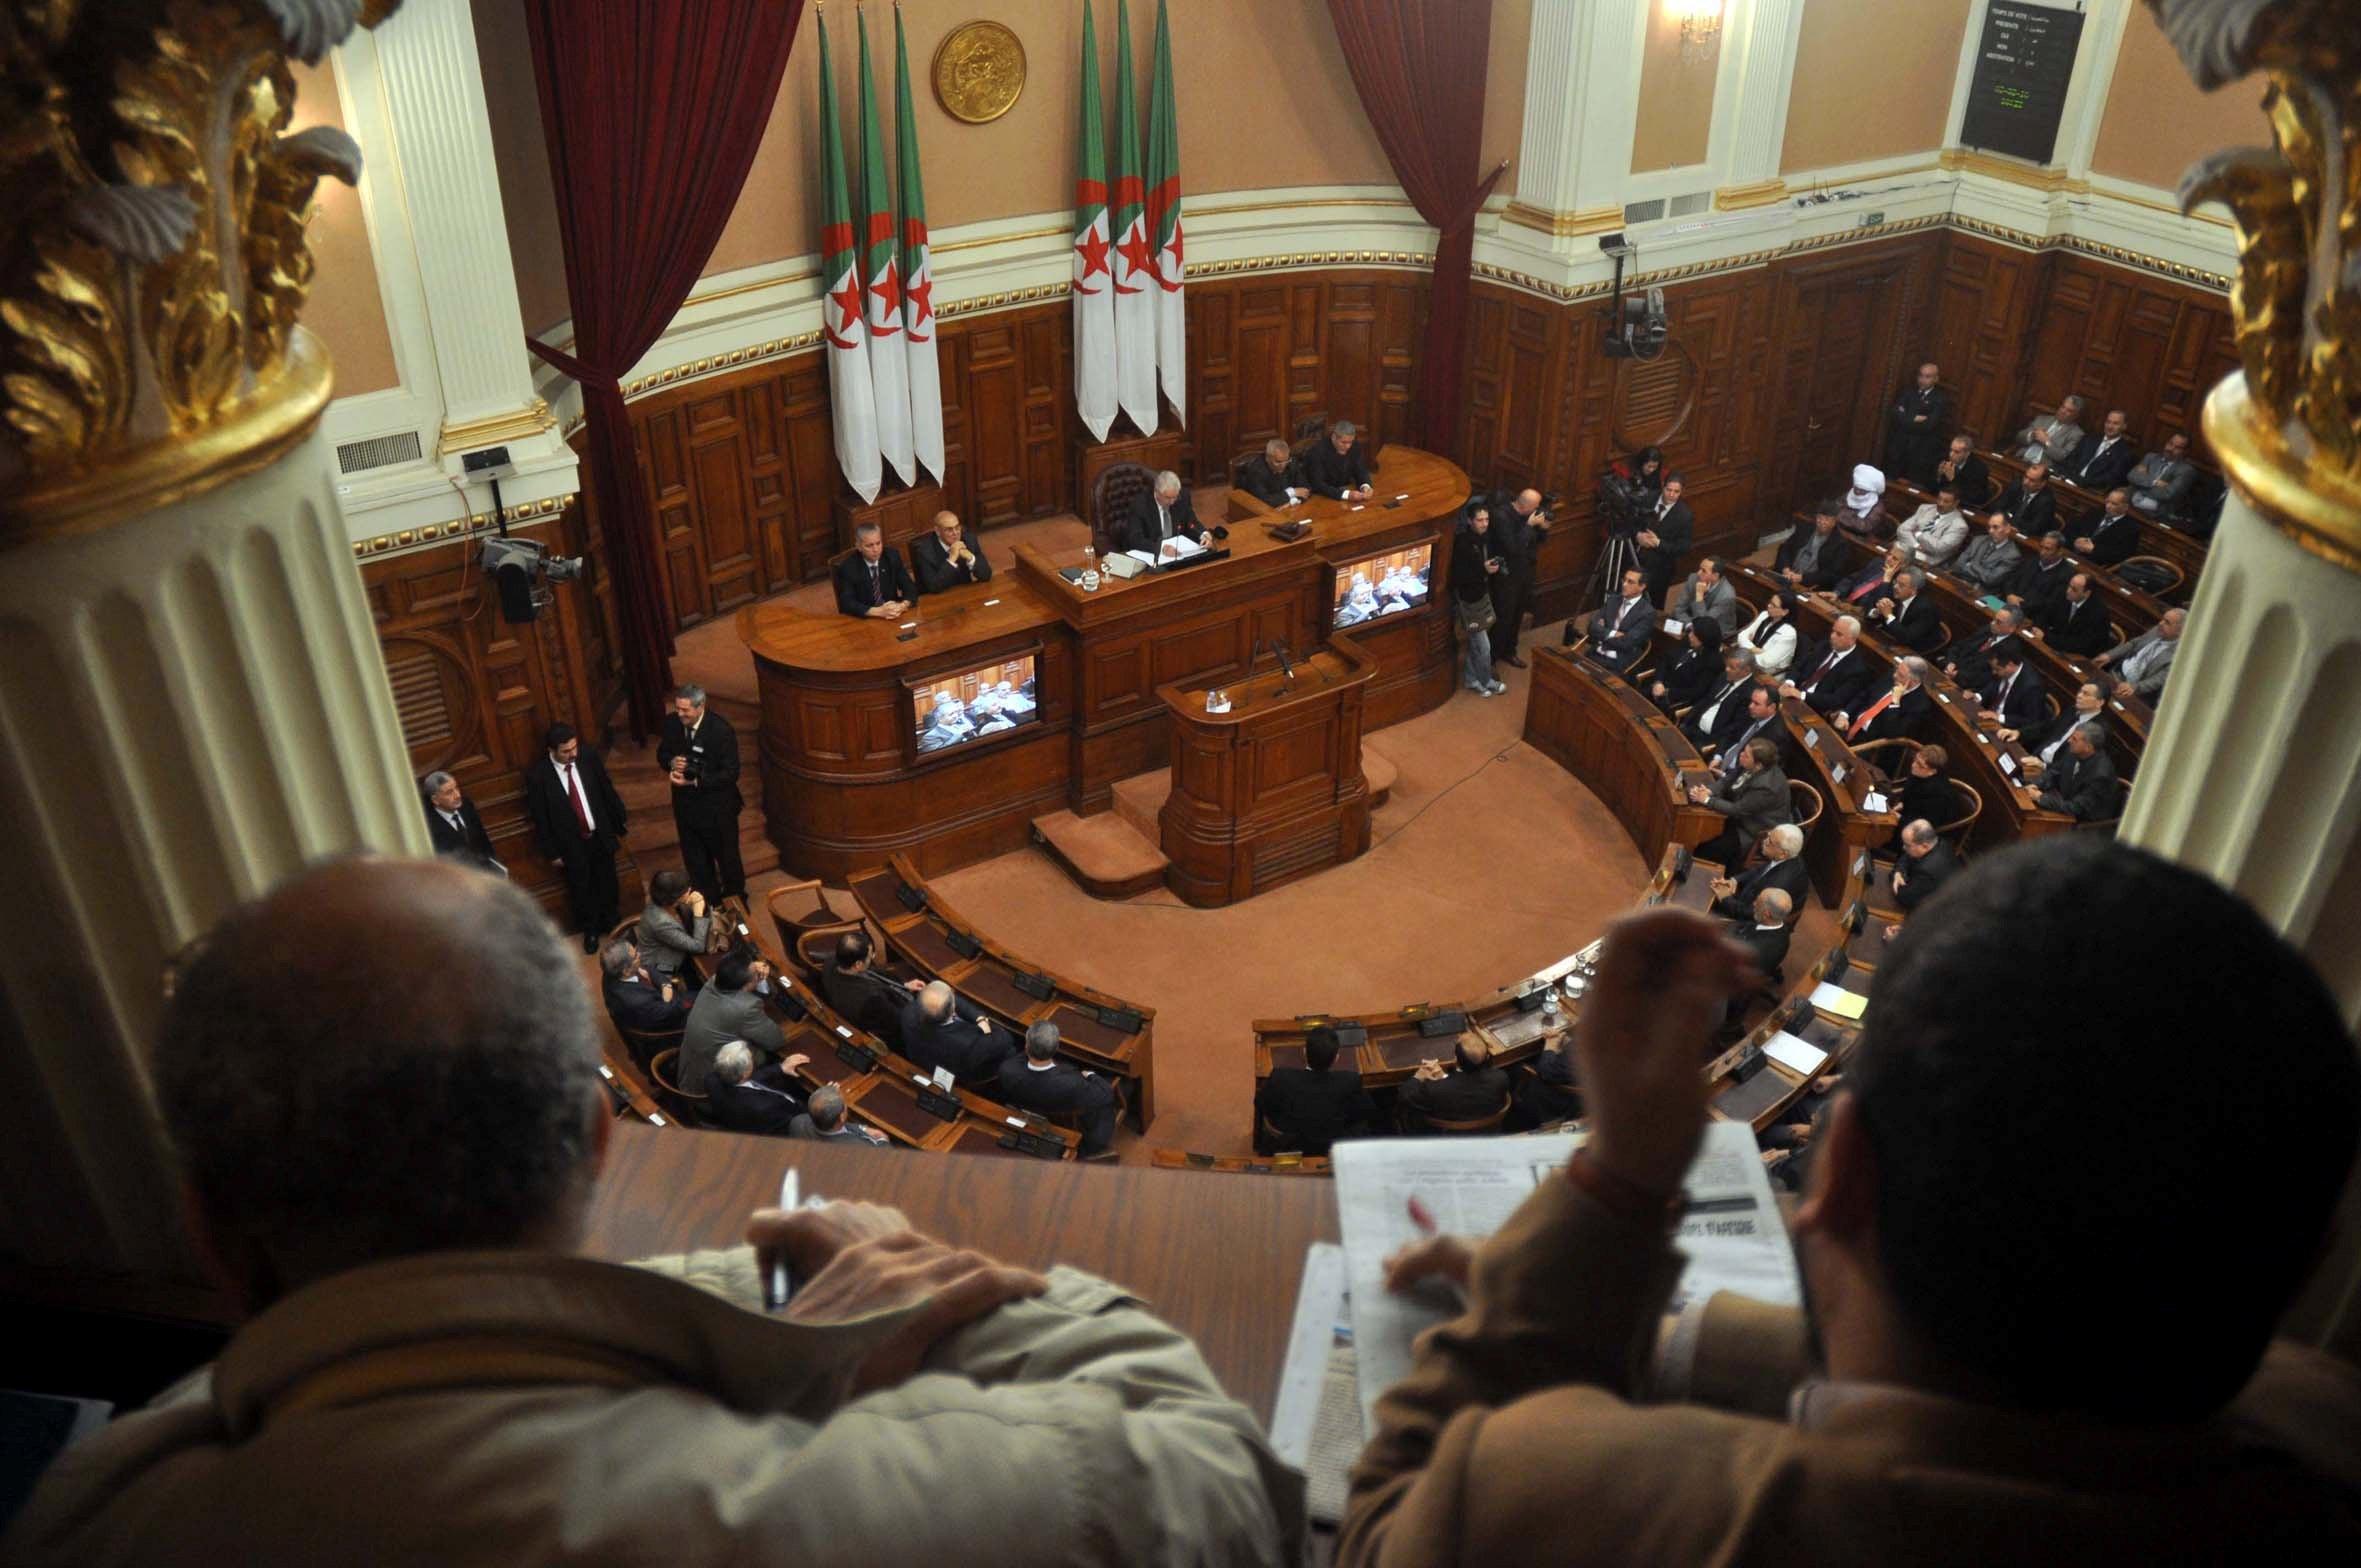 Le FLN détient la majorité au sein du Conseil de la nation. New Press